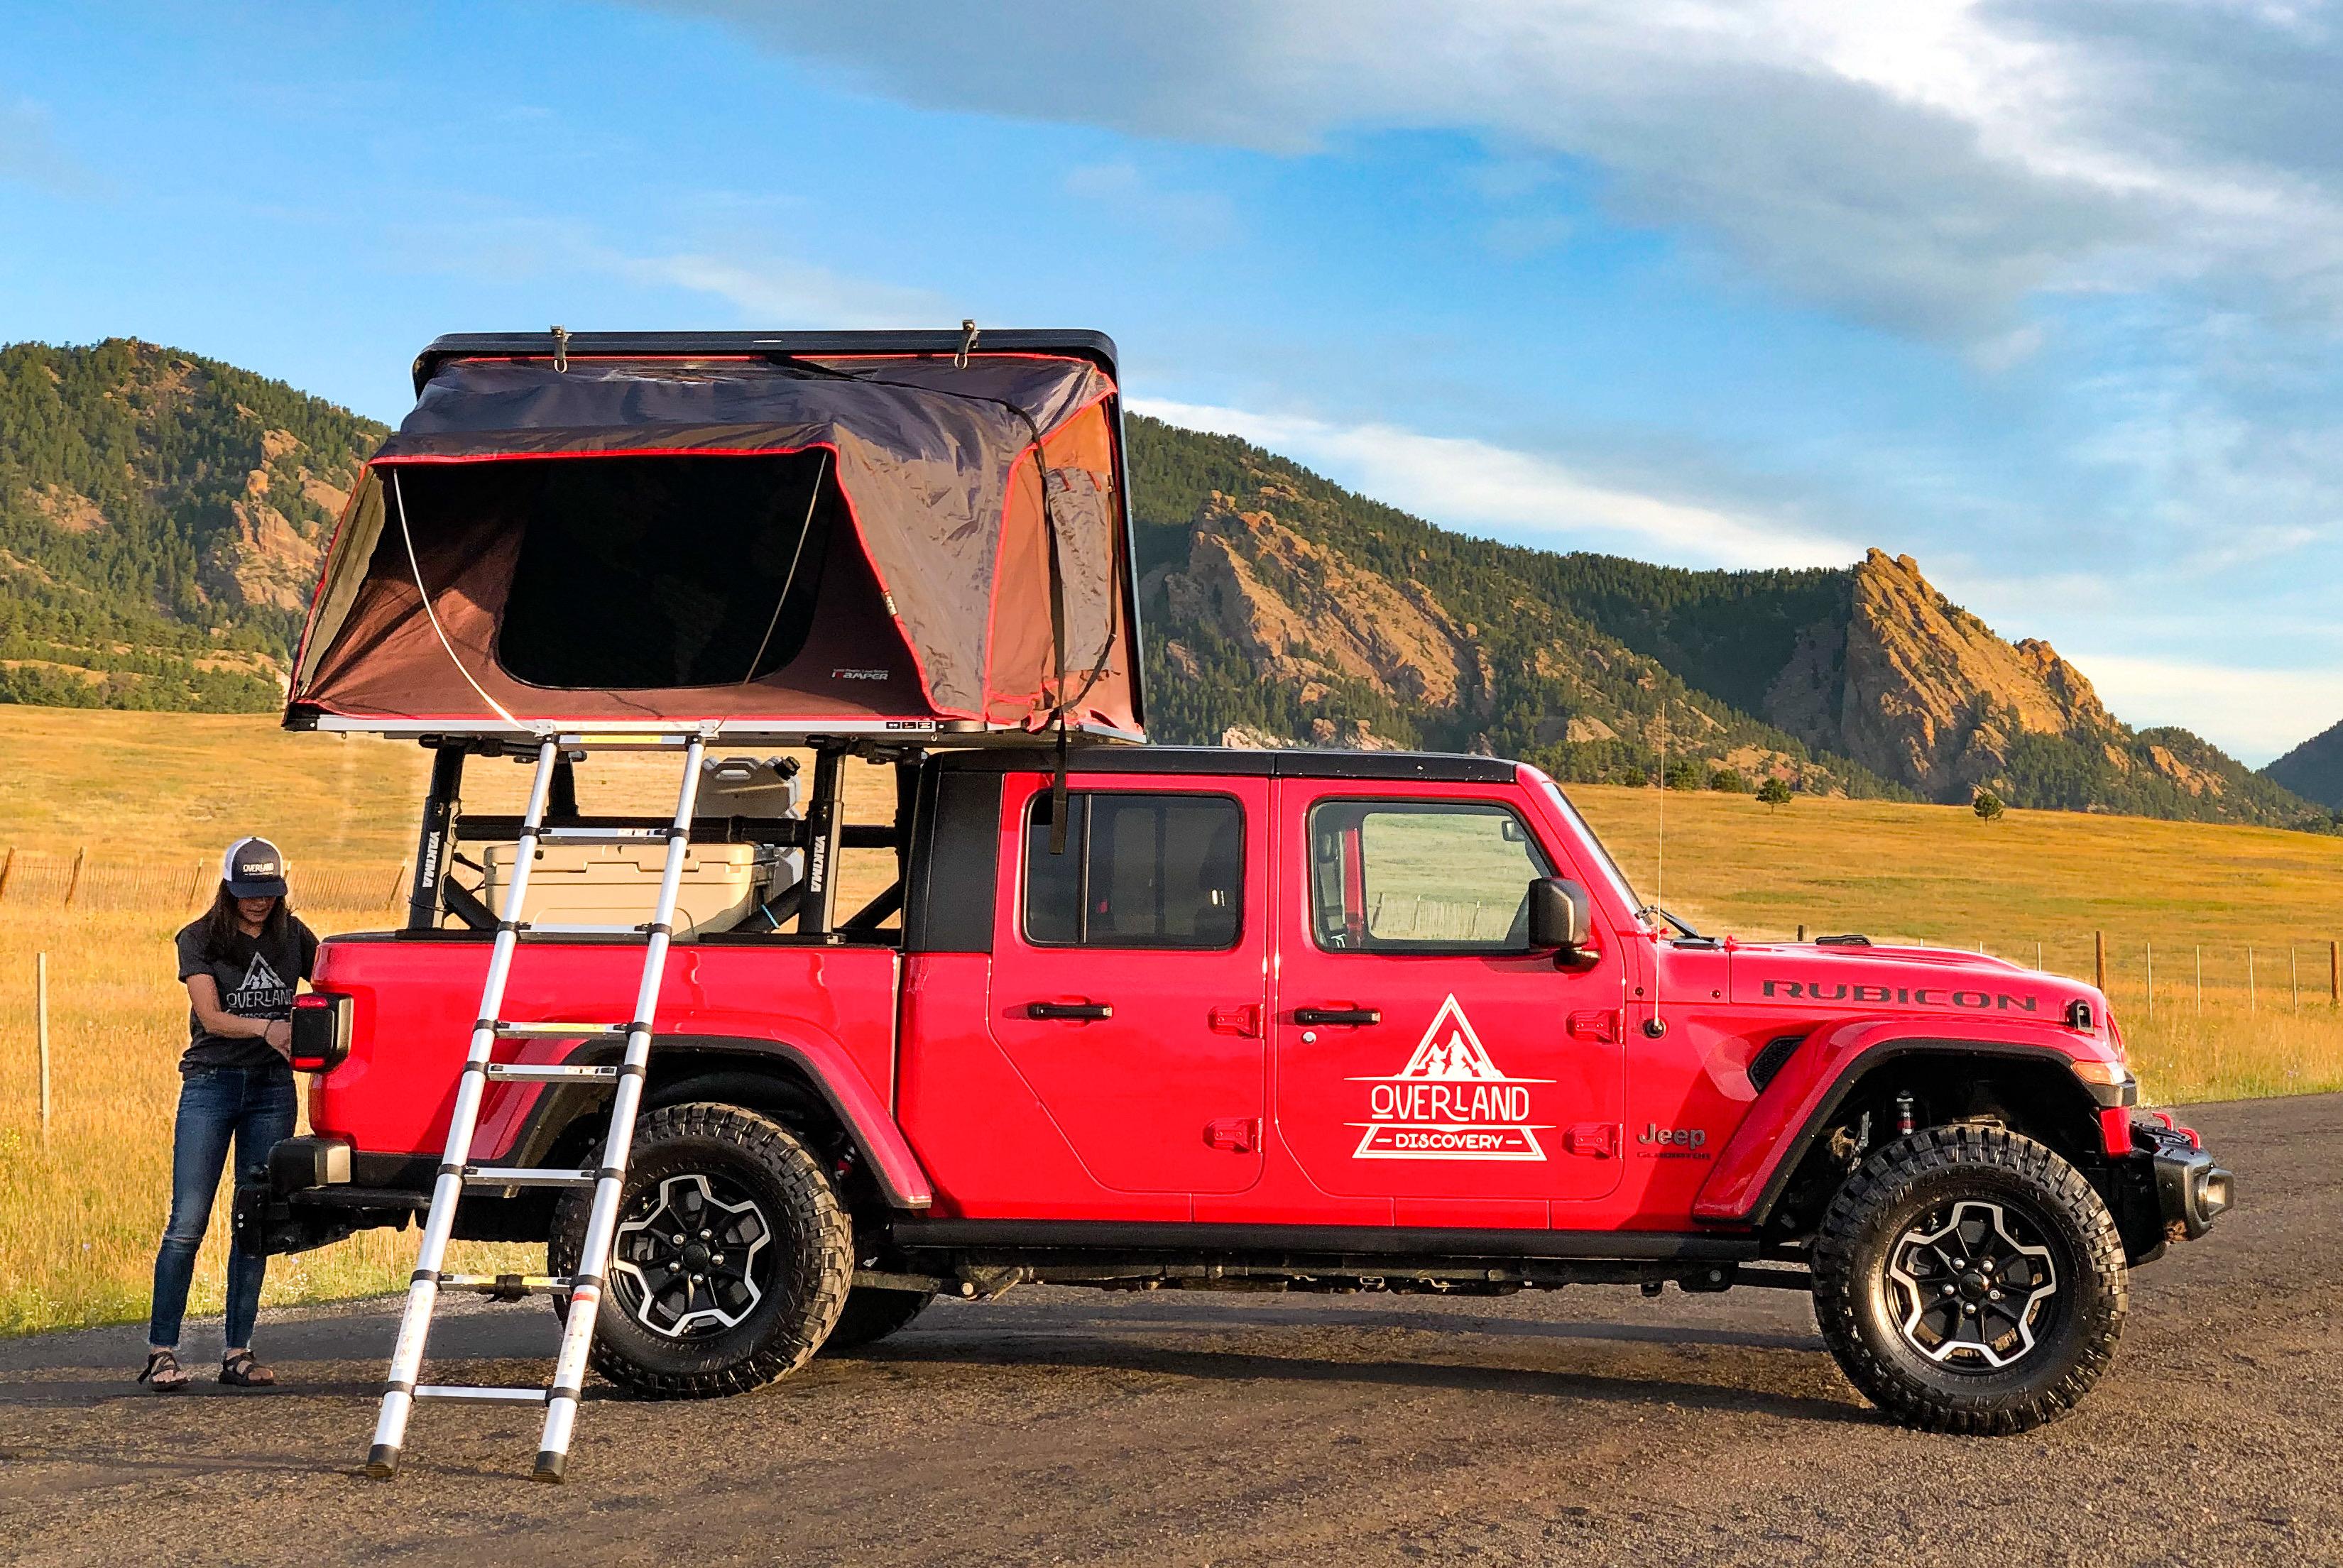 2020 Jeep Gladiator Truck Camper Rental In Denver Co Outdoorsy